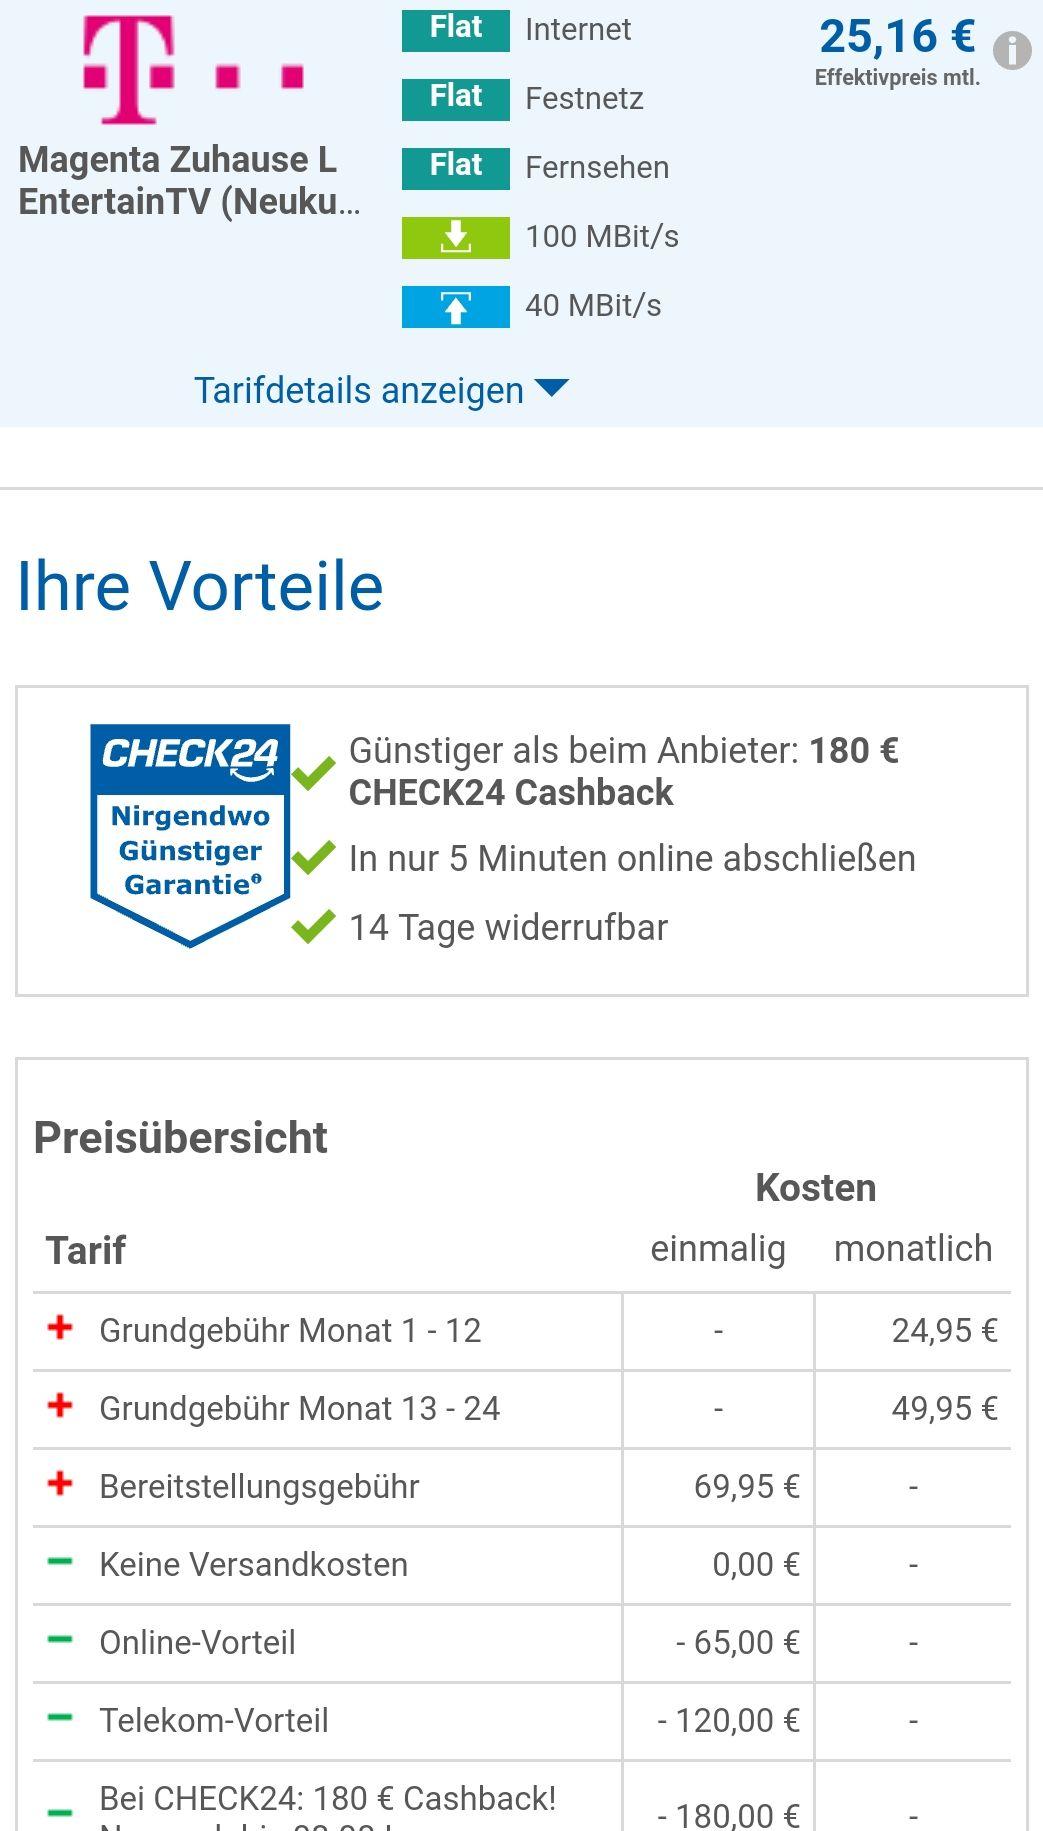 Magenta Zuhause L EntertainTV (Neukunden) 100 Mbit/s 40 Mbit/s inkl.TV